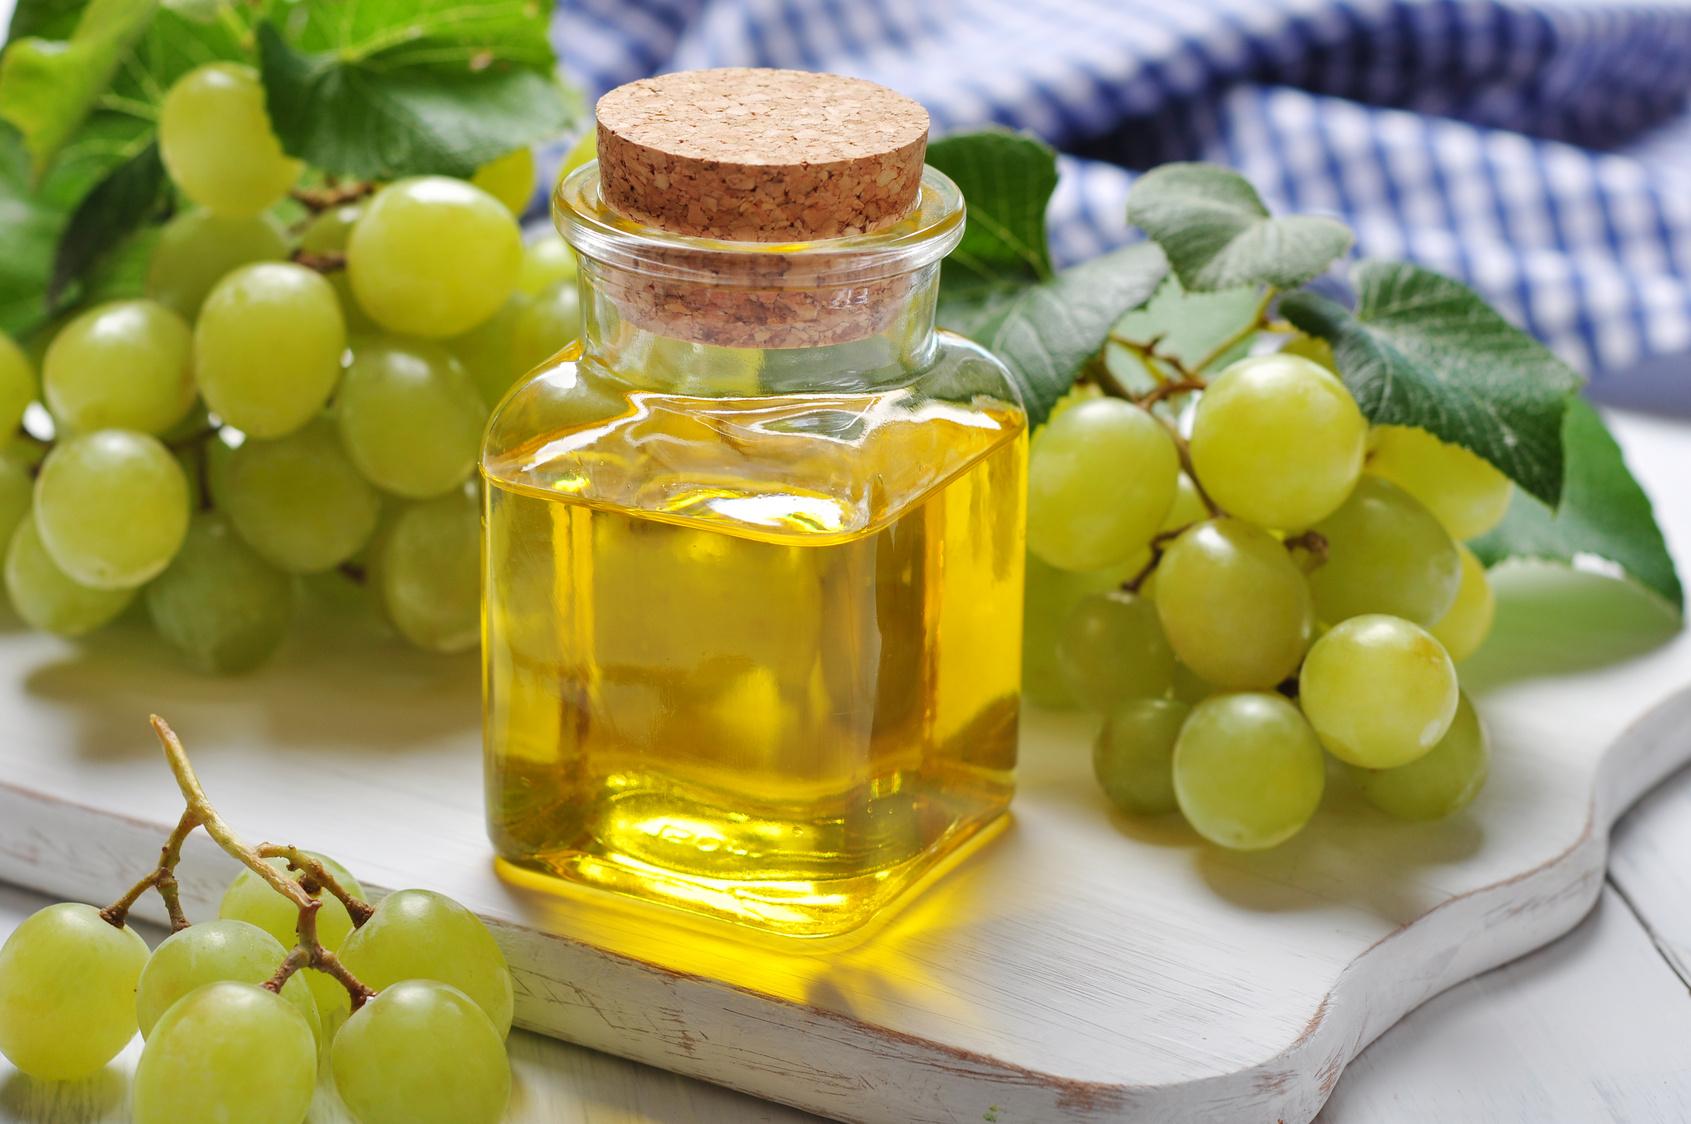 Лучшие маски для лица на основе оливкового масла